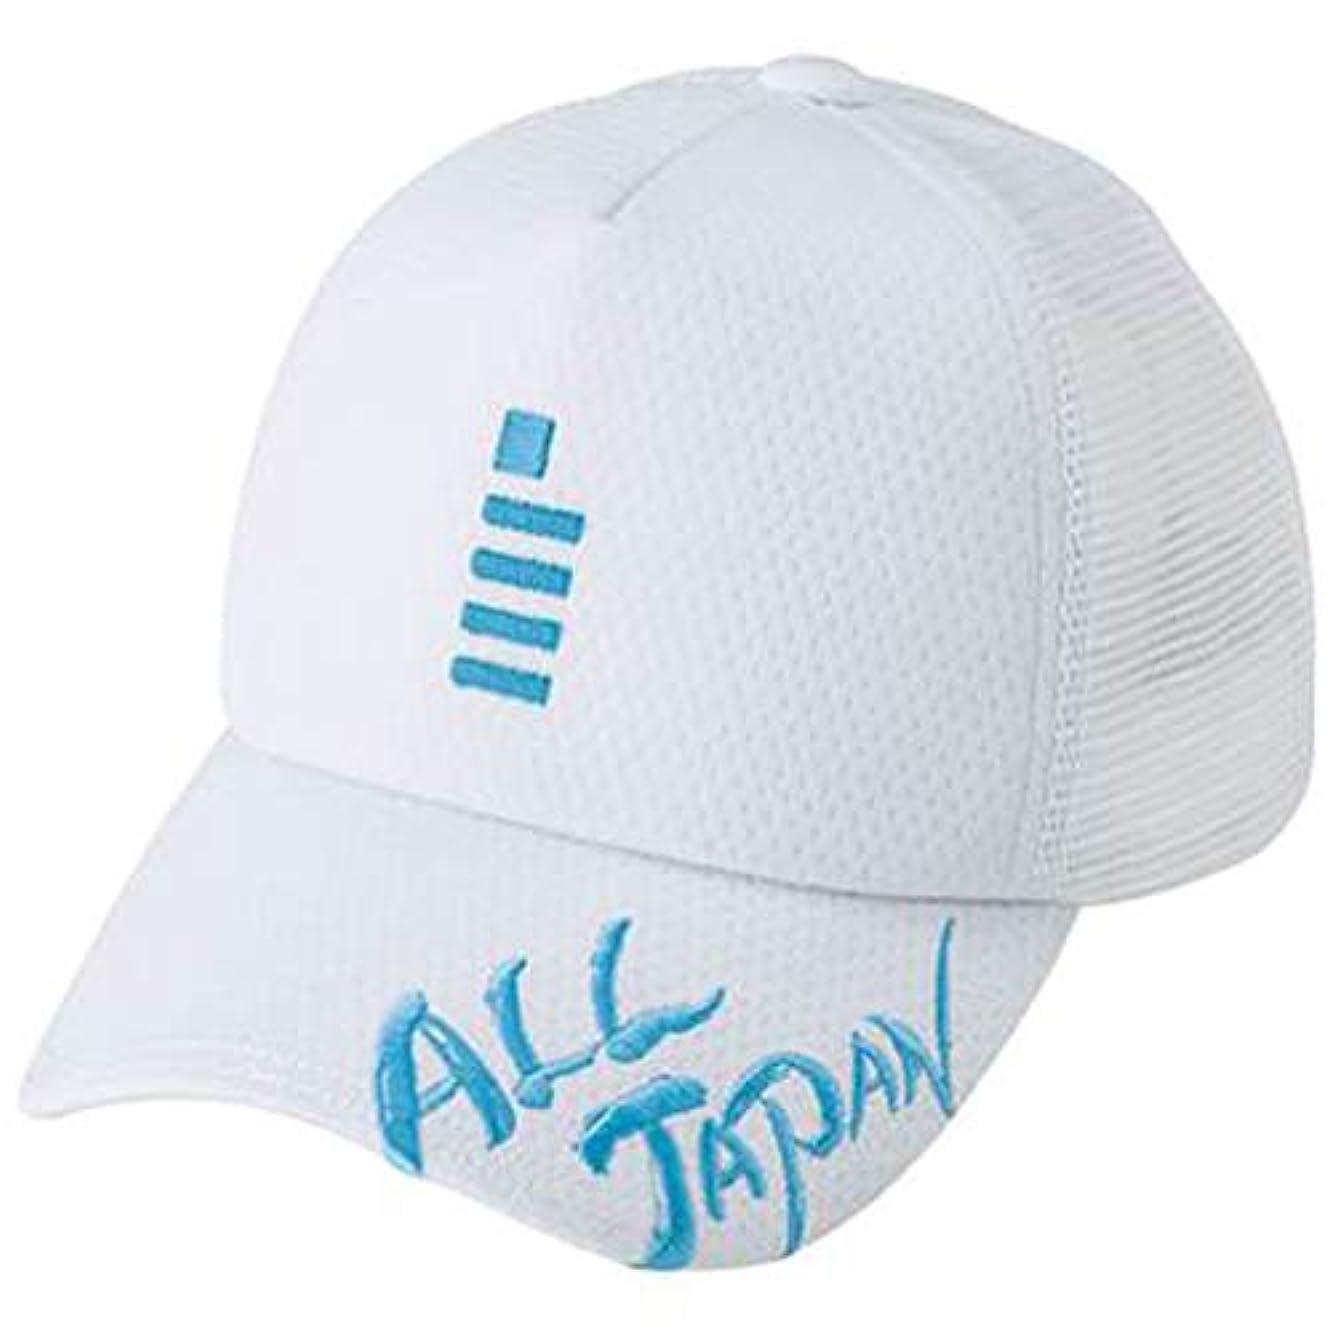 直面する通路チャートGOSEN(ゴーセン) ALL JAPAN キャップ レギュラー ホワイト C19A01-30